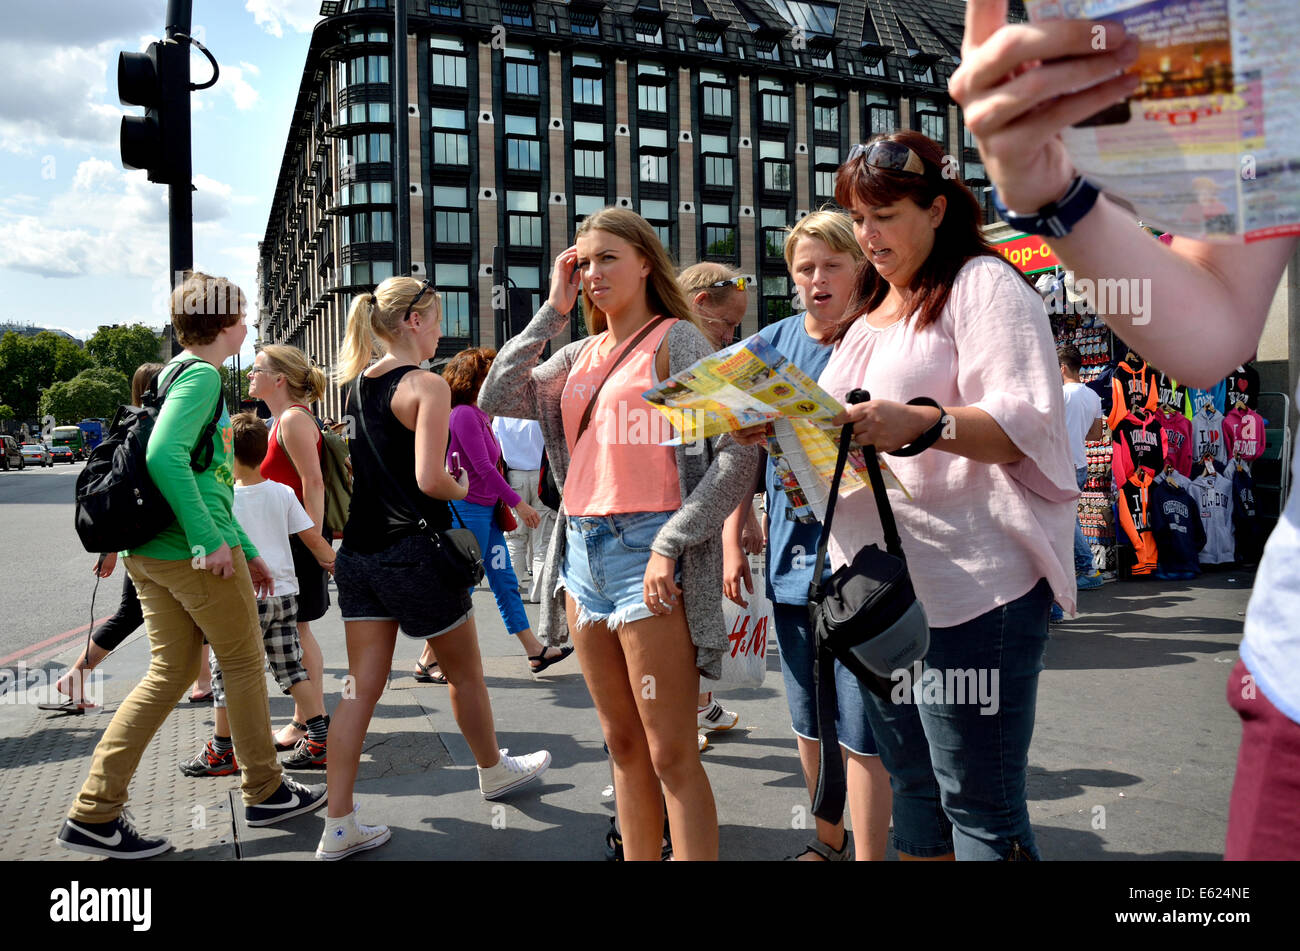 Londra, Inghilterra, Regno Unito. Famiglia guardando una mappa sul Westminster Bridge - Portcullis House dietro Immagini Stock